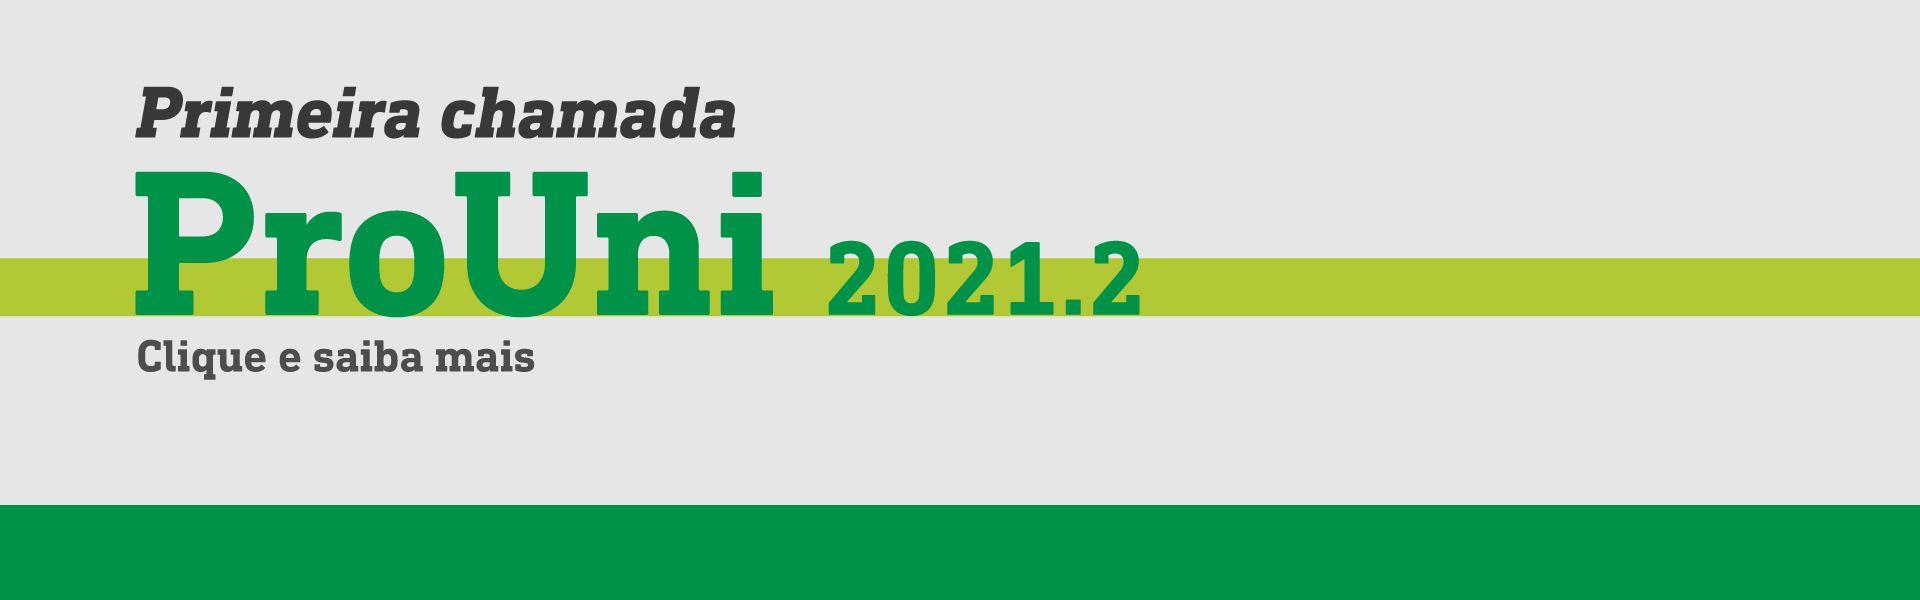 prouni 2021.2 1 chamada